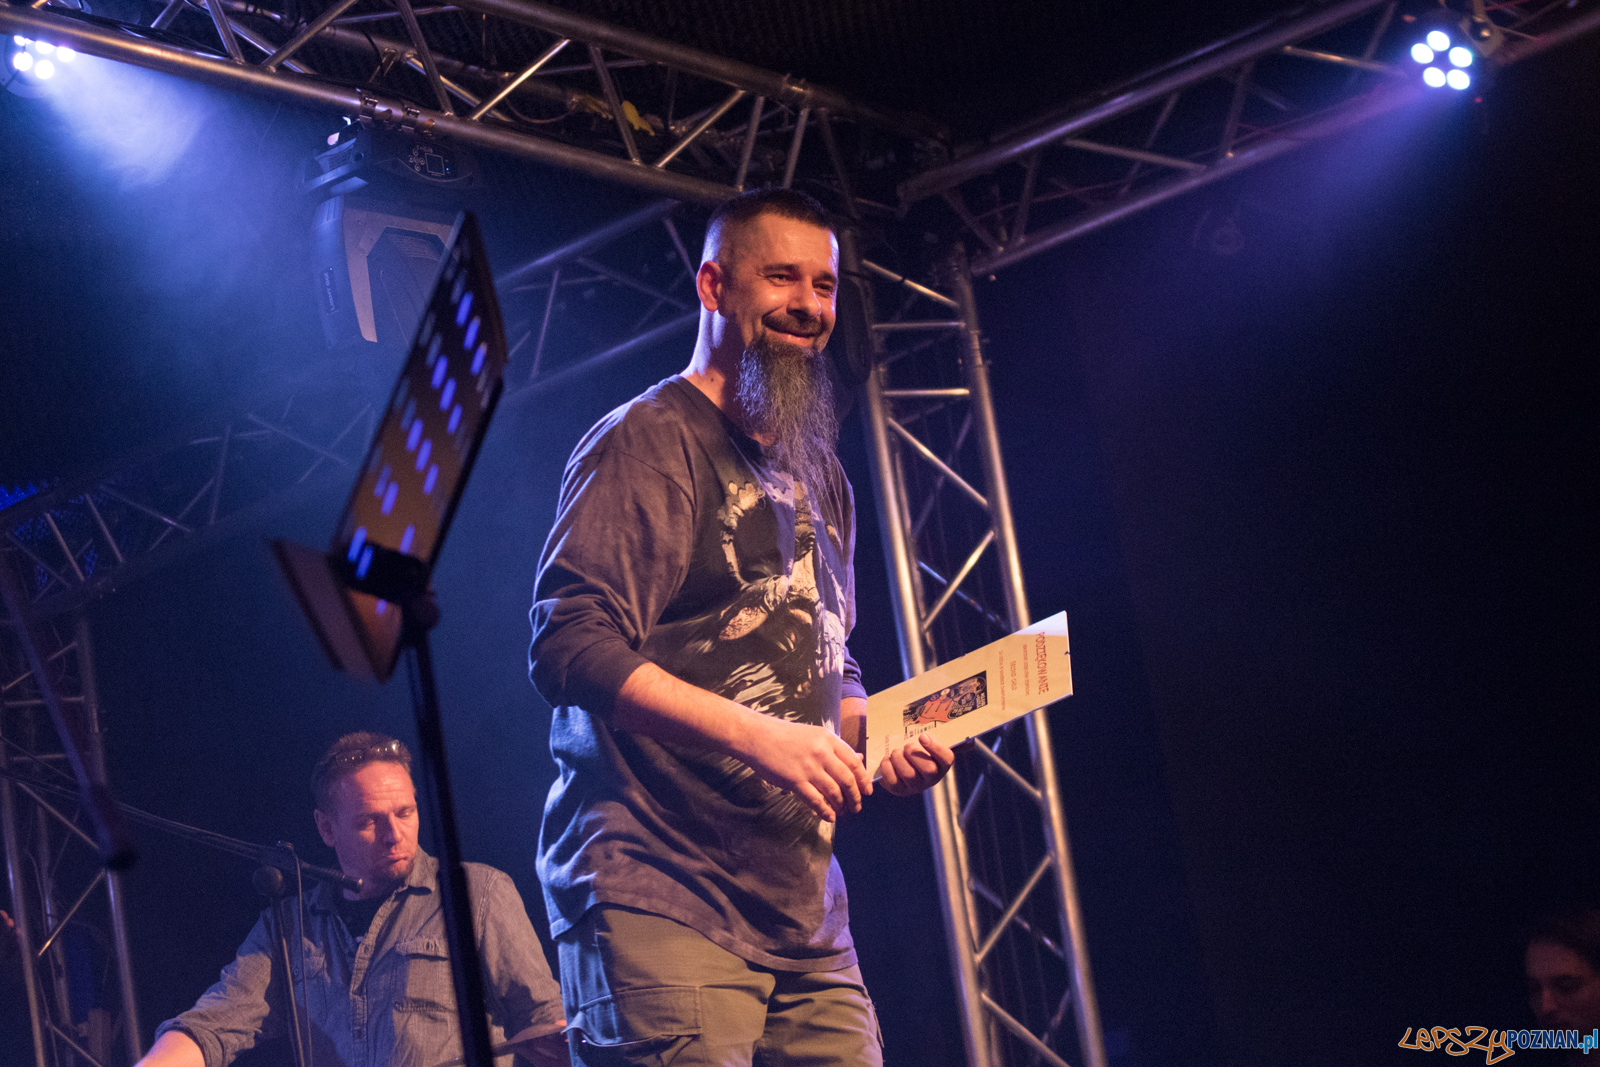 Gramy dla Jacka  Foto: lepszyPOZNAN.pl / Ewelina Jaśkowiak